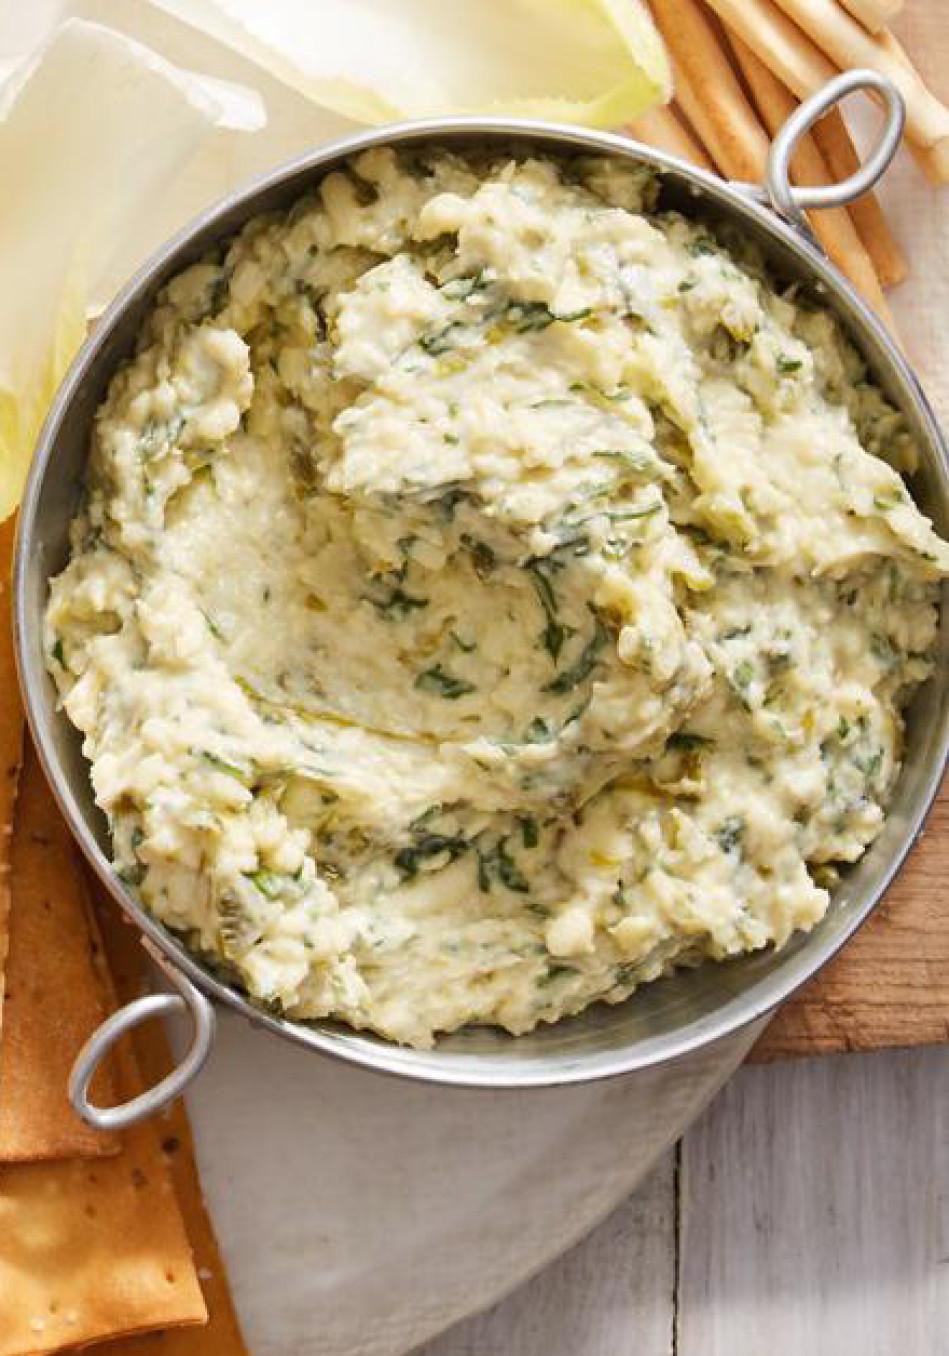 Green Pimento Cheese Spread Recipe